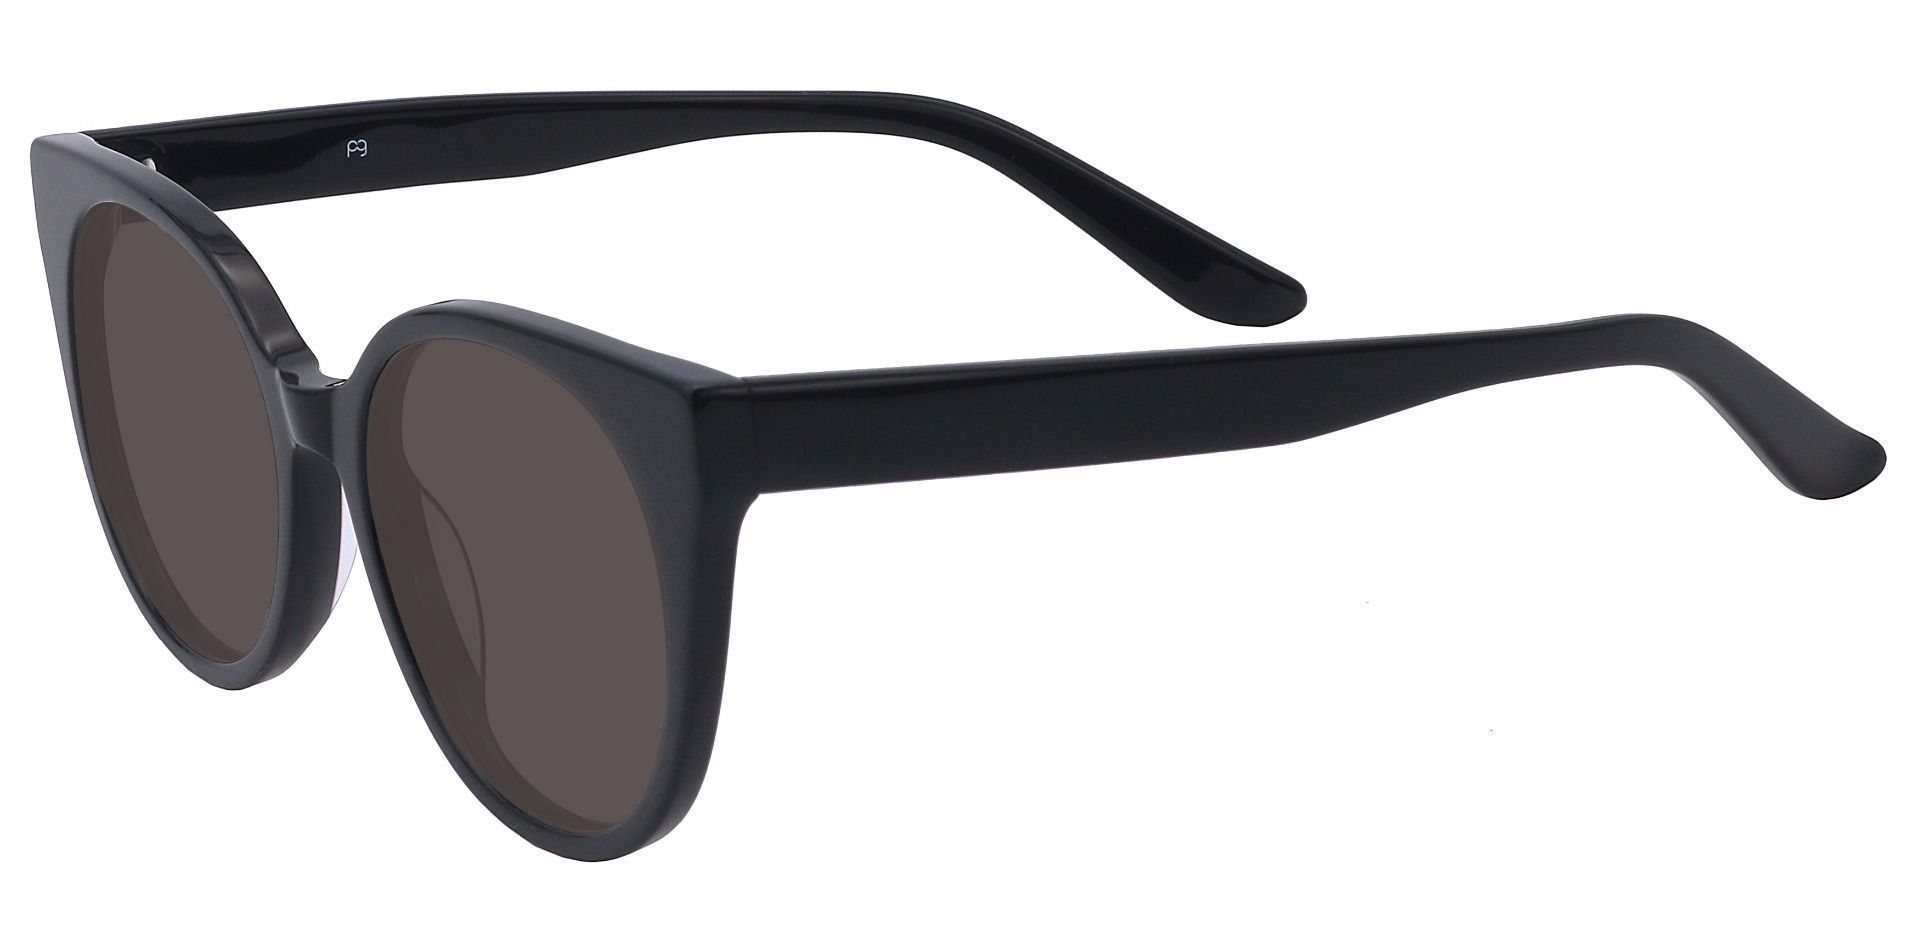 Balmoral Cat-Eye Reading Sunglasses - Black Frame With Gray Lenses